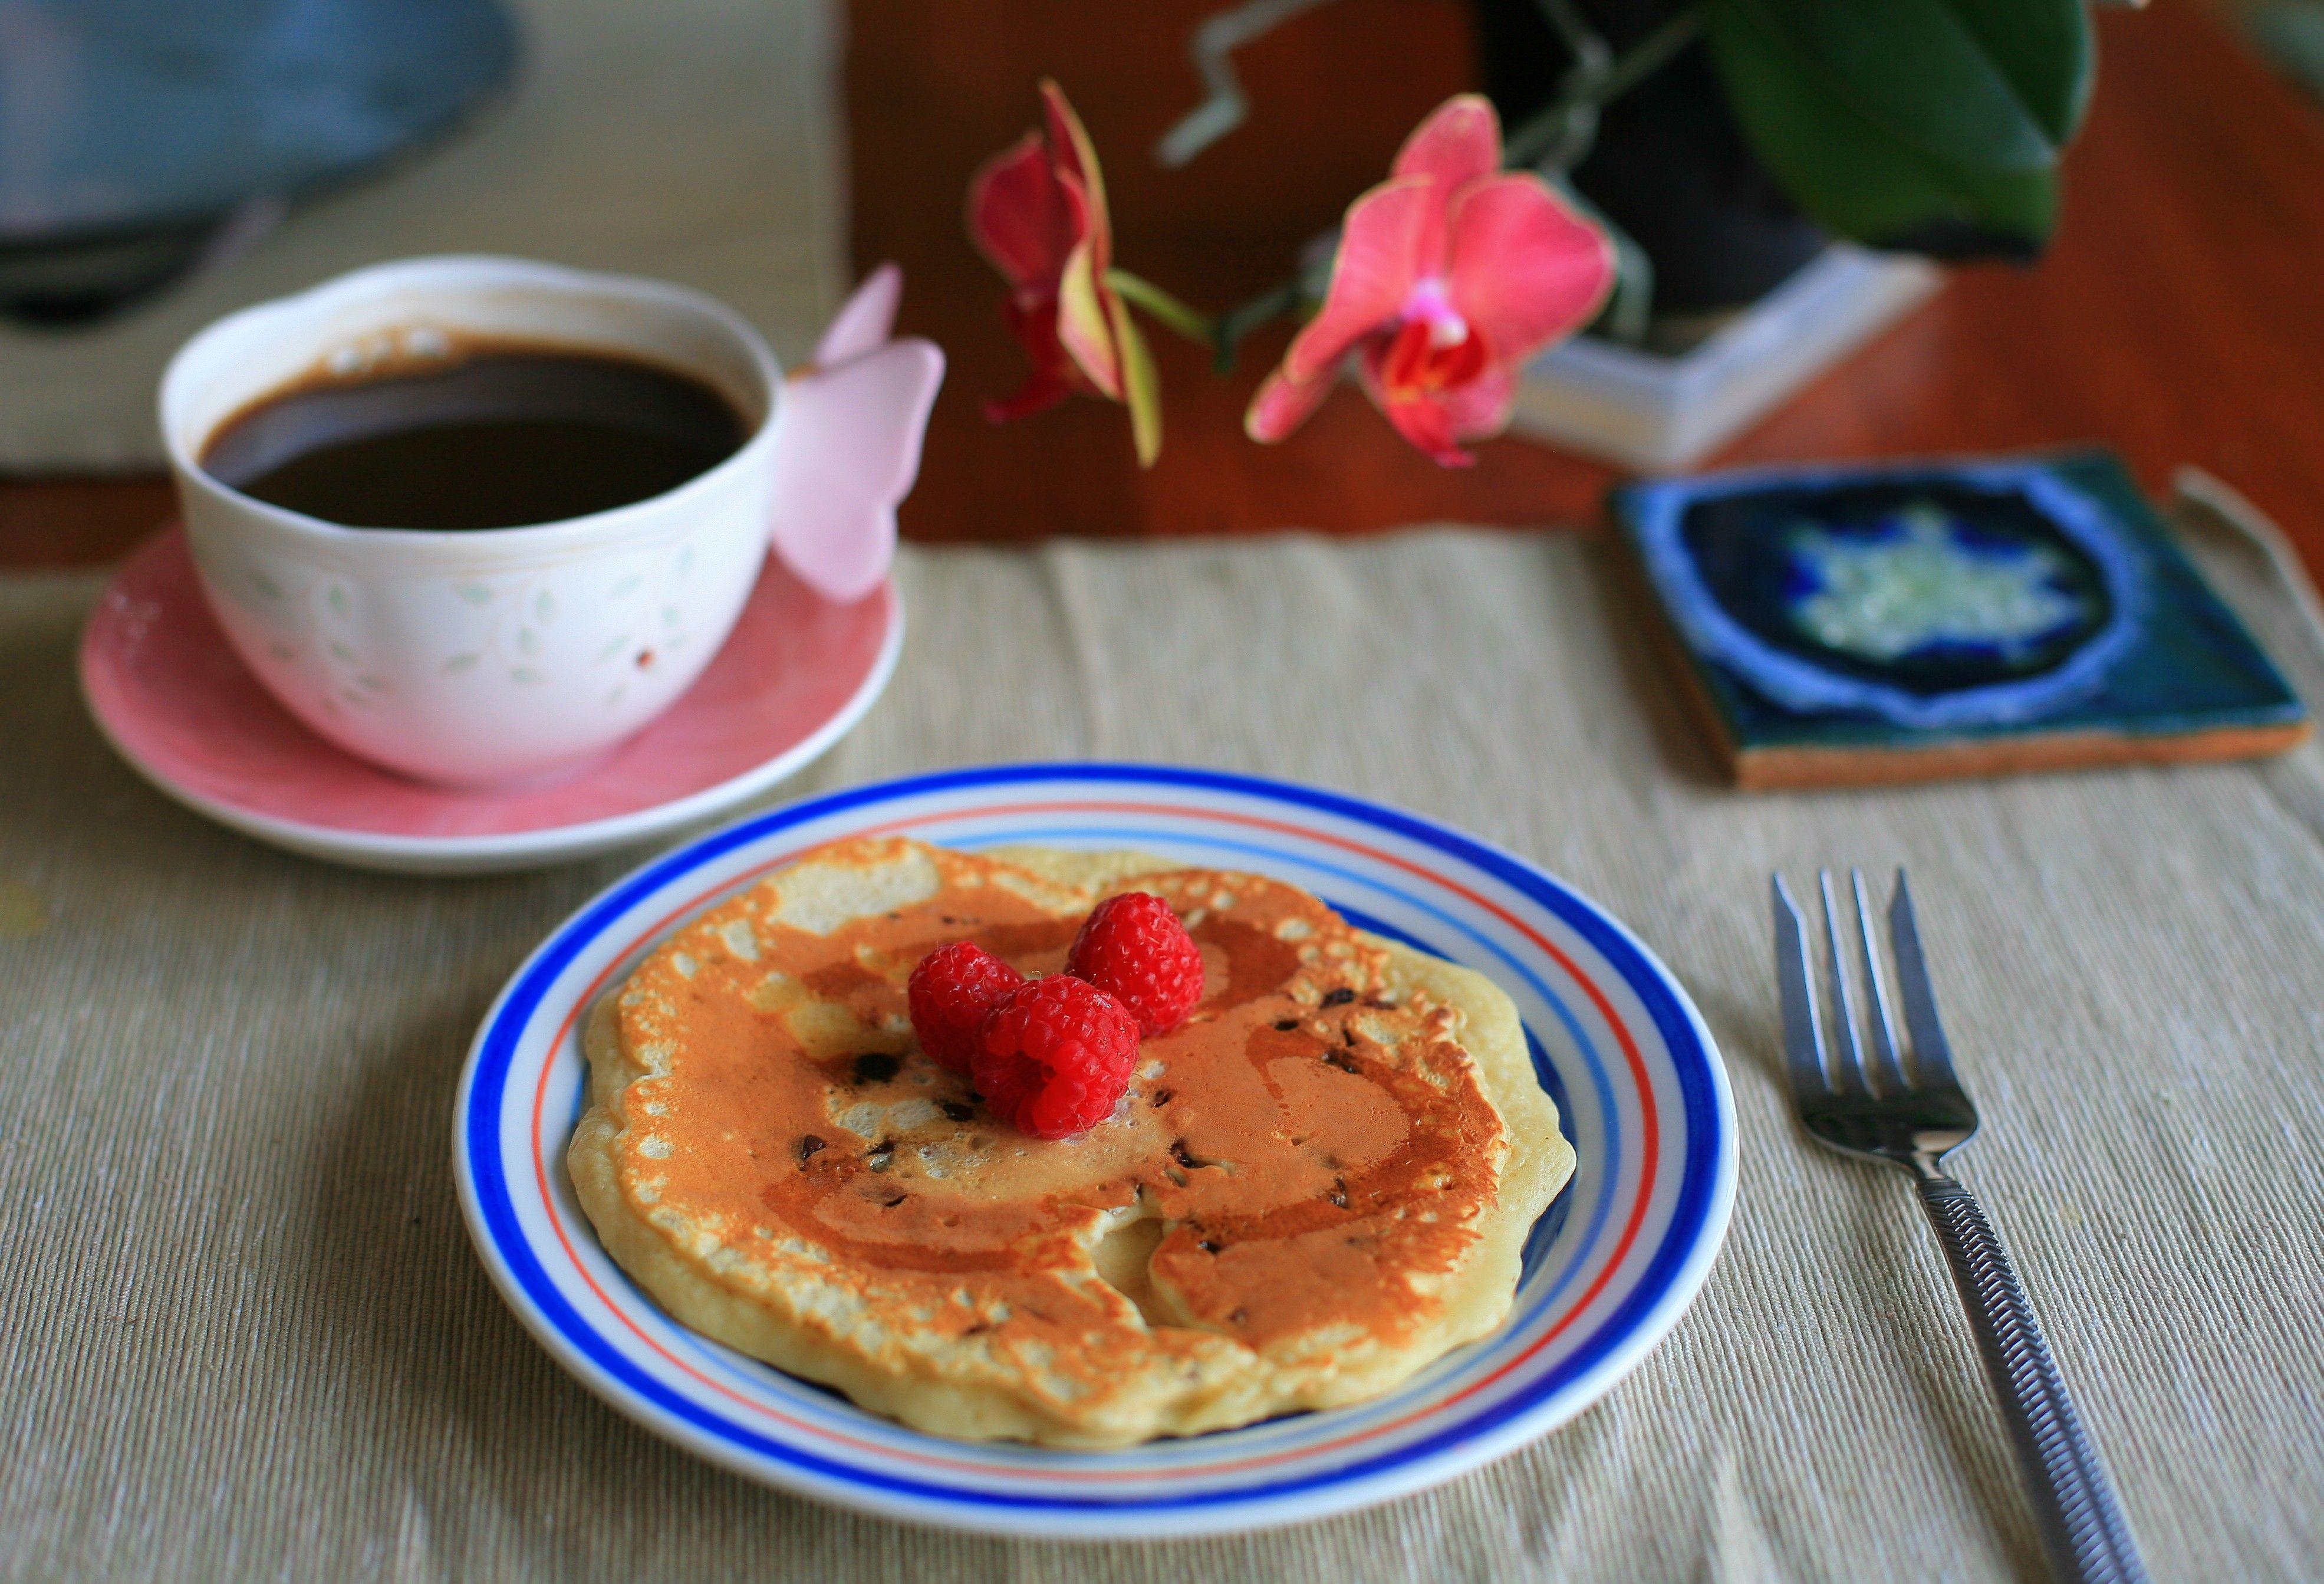 healthier pancakes